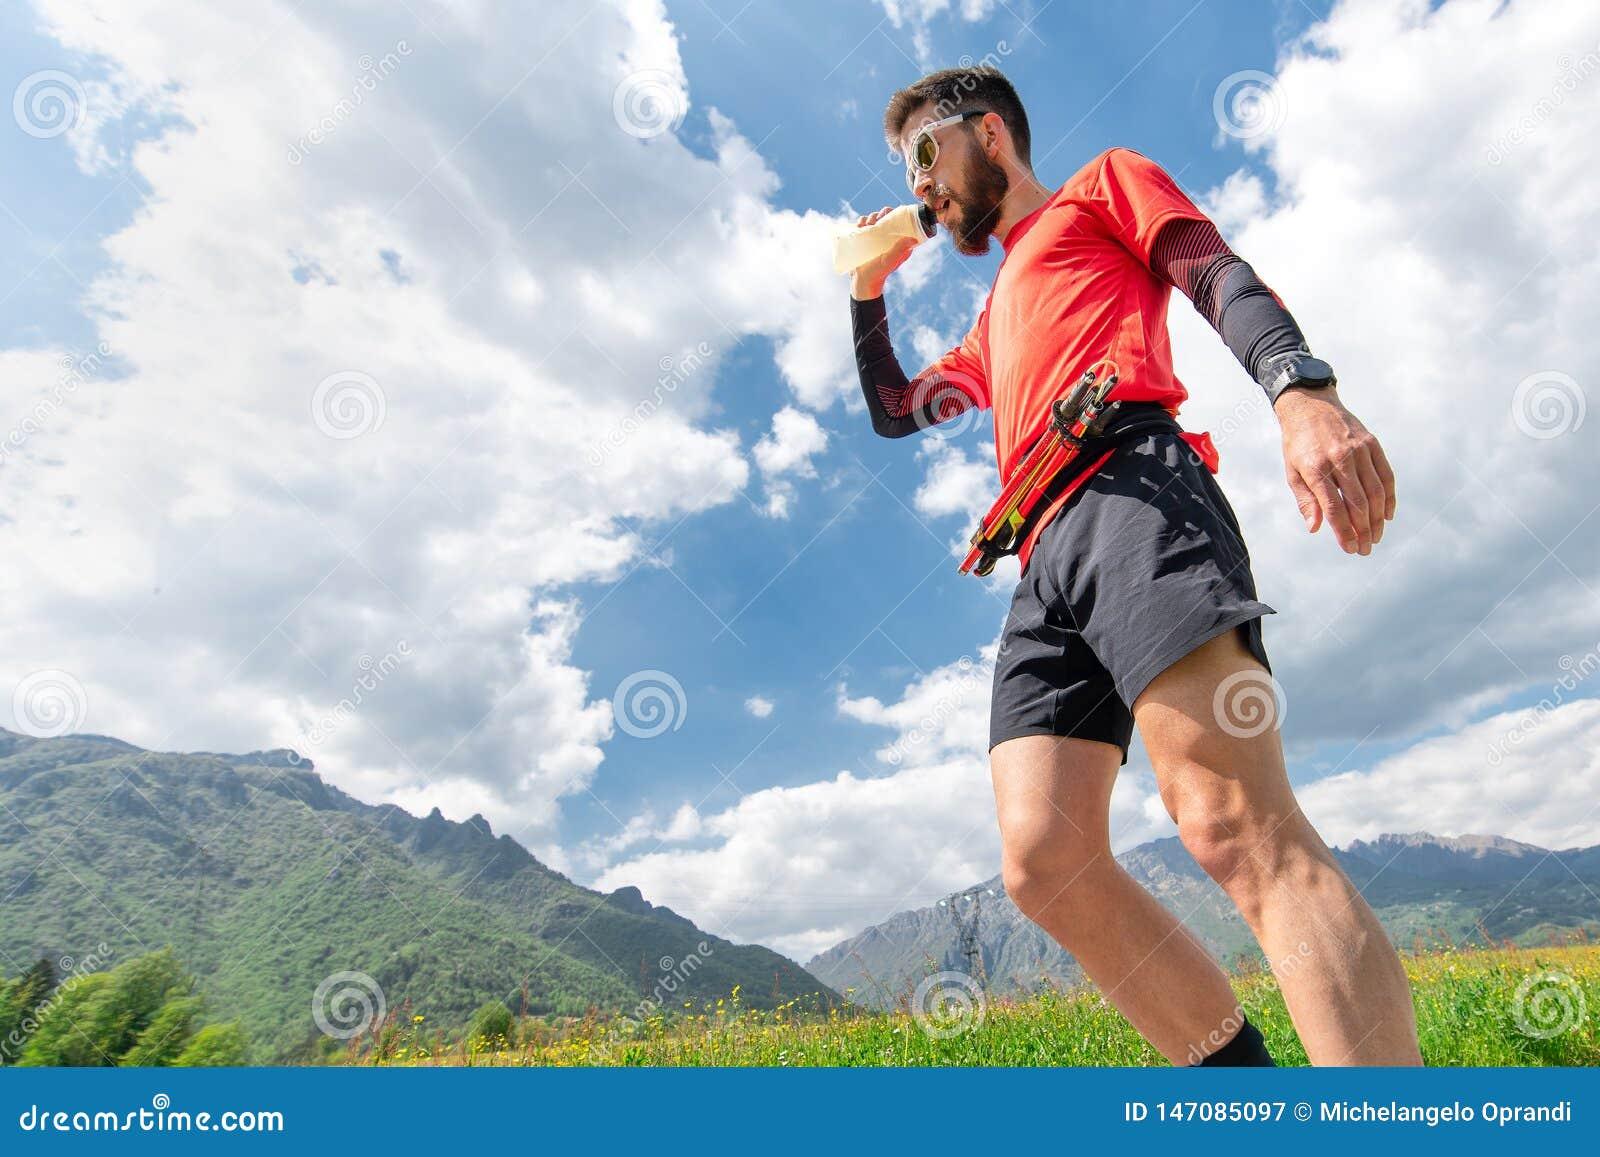 Gebirgsläufer erhält Seide und steht während der Ausdauer still